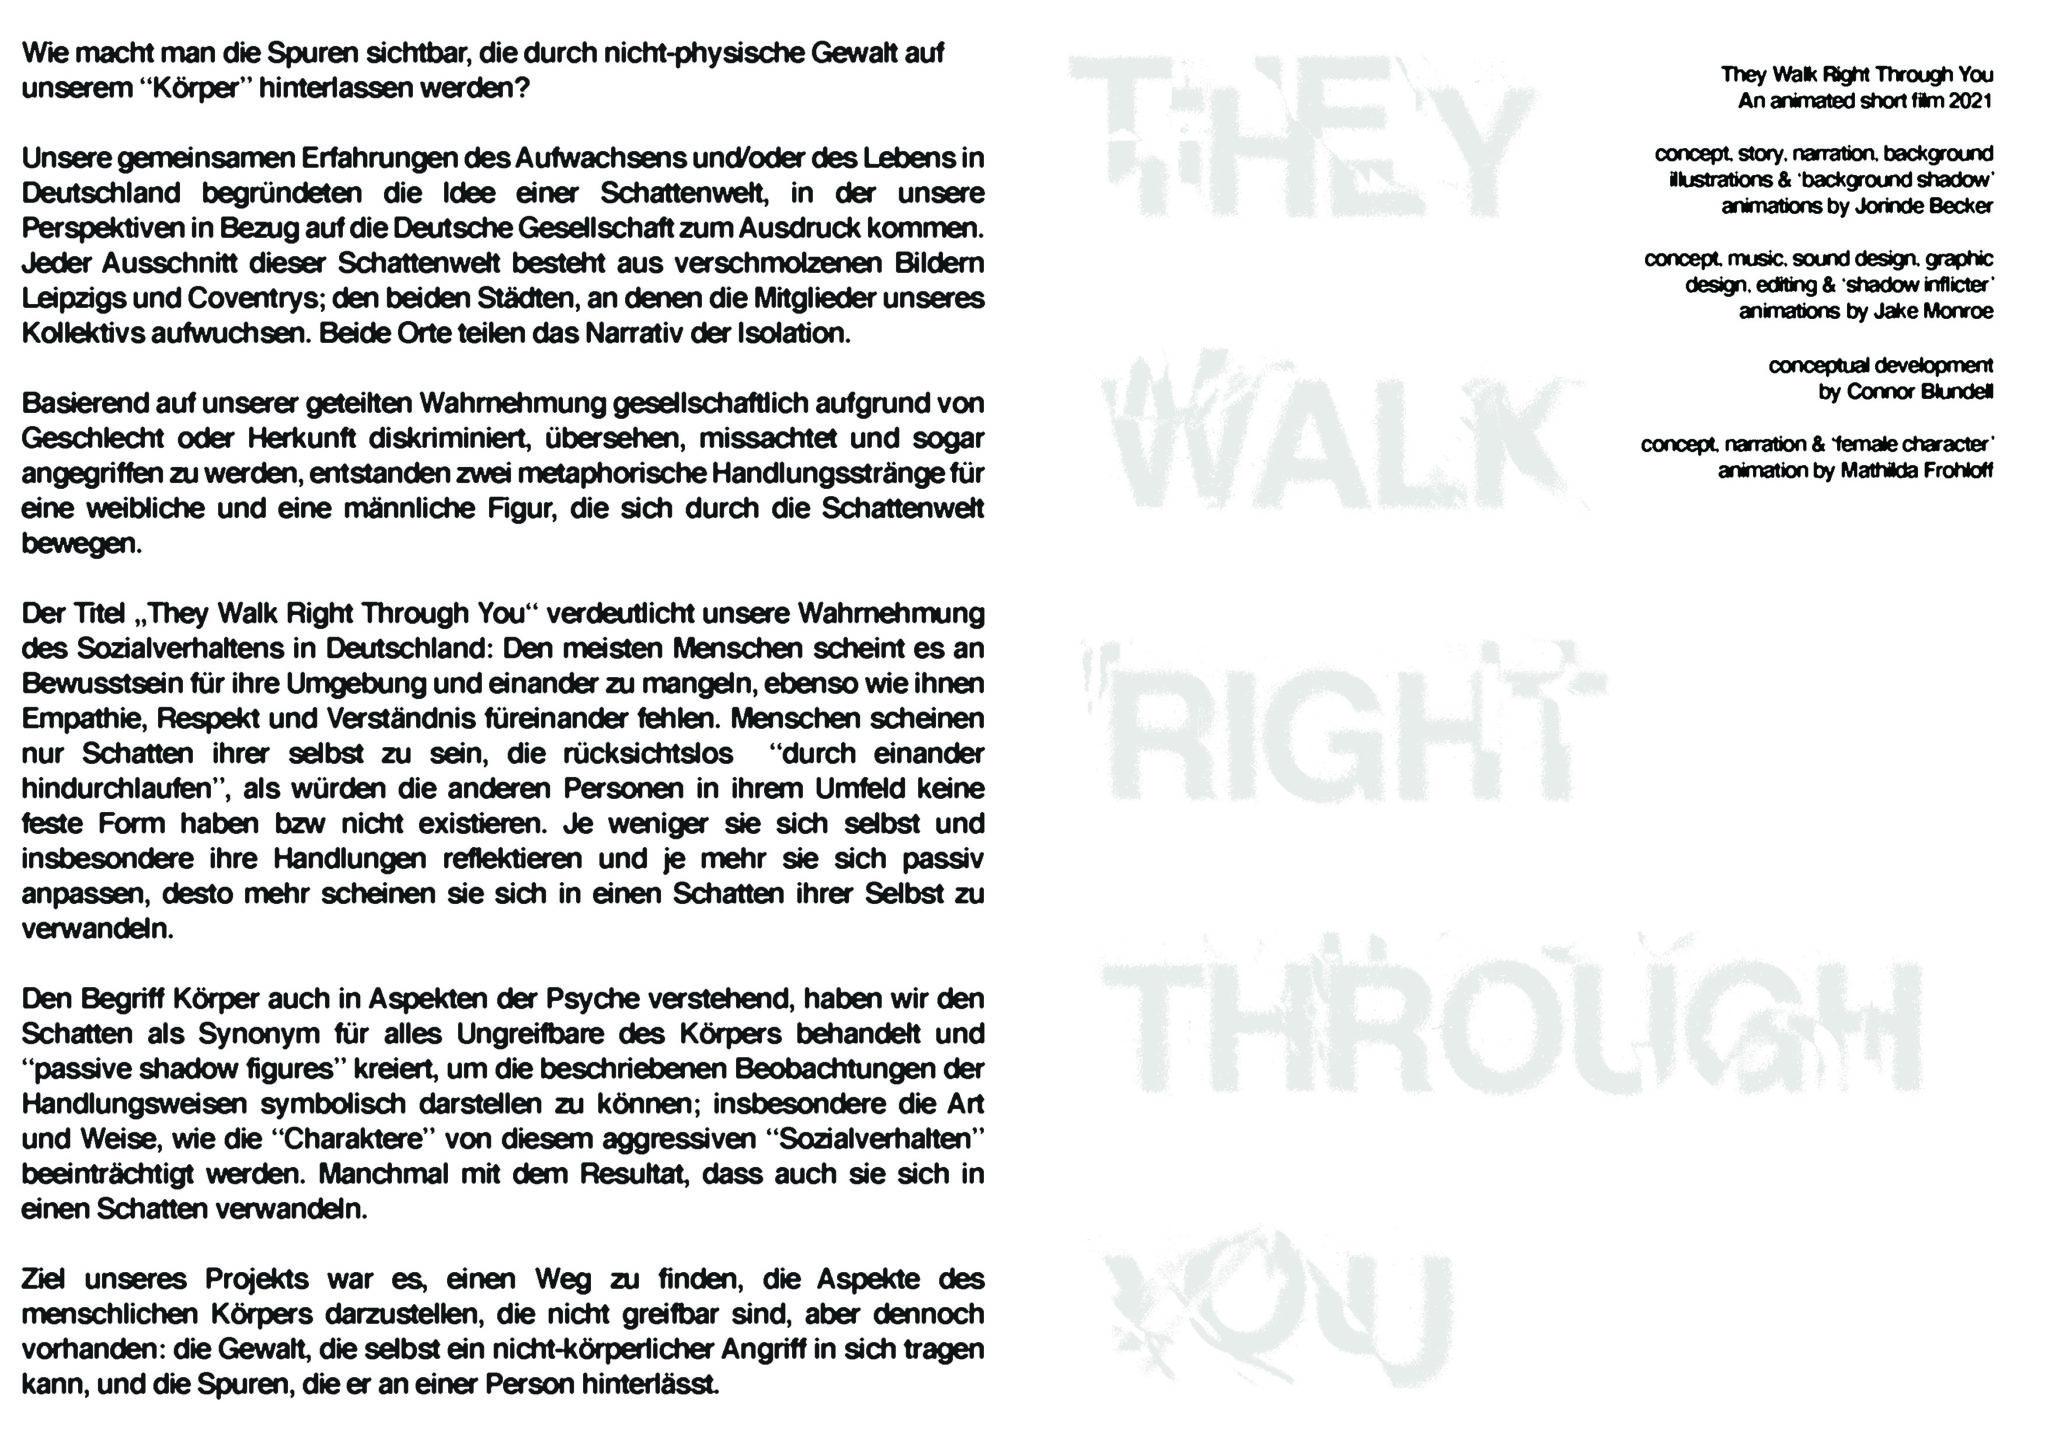 Jorinde Becker, Mathilda Frohloff, Jake Monroe, Connor Blundell, They Walk Right Through You, Deutsche Textversion zum Kurzfilm, 2021